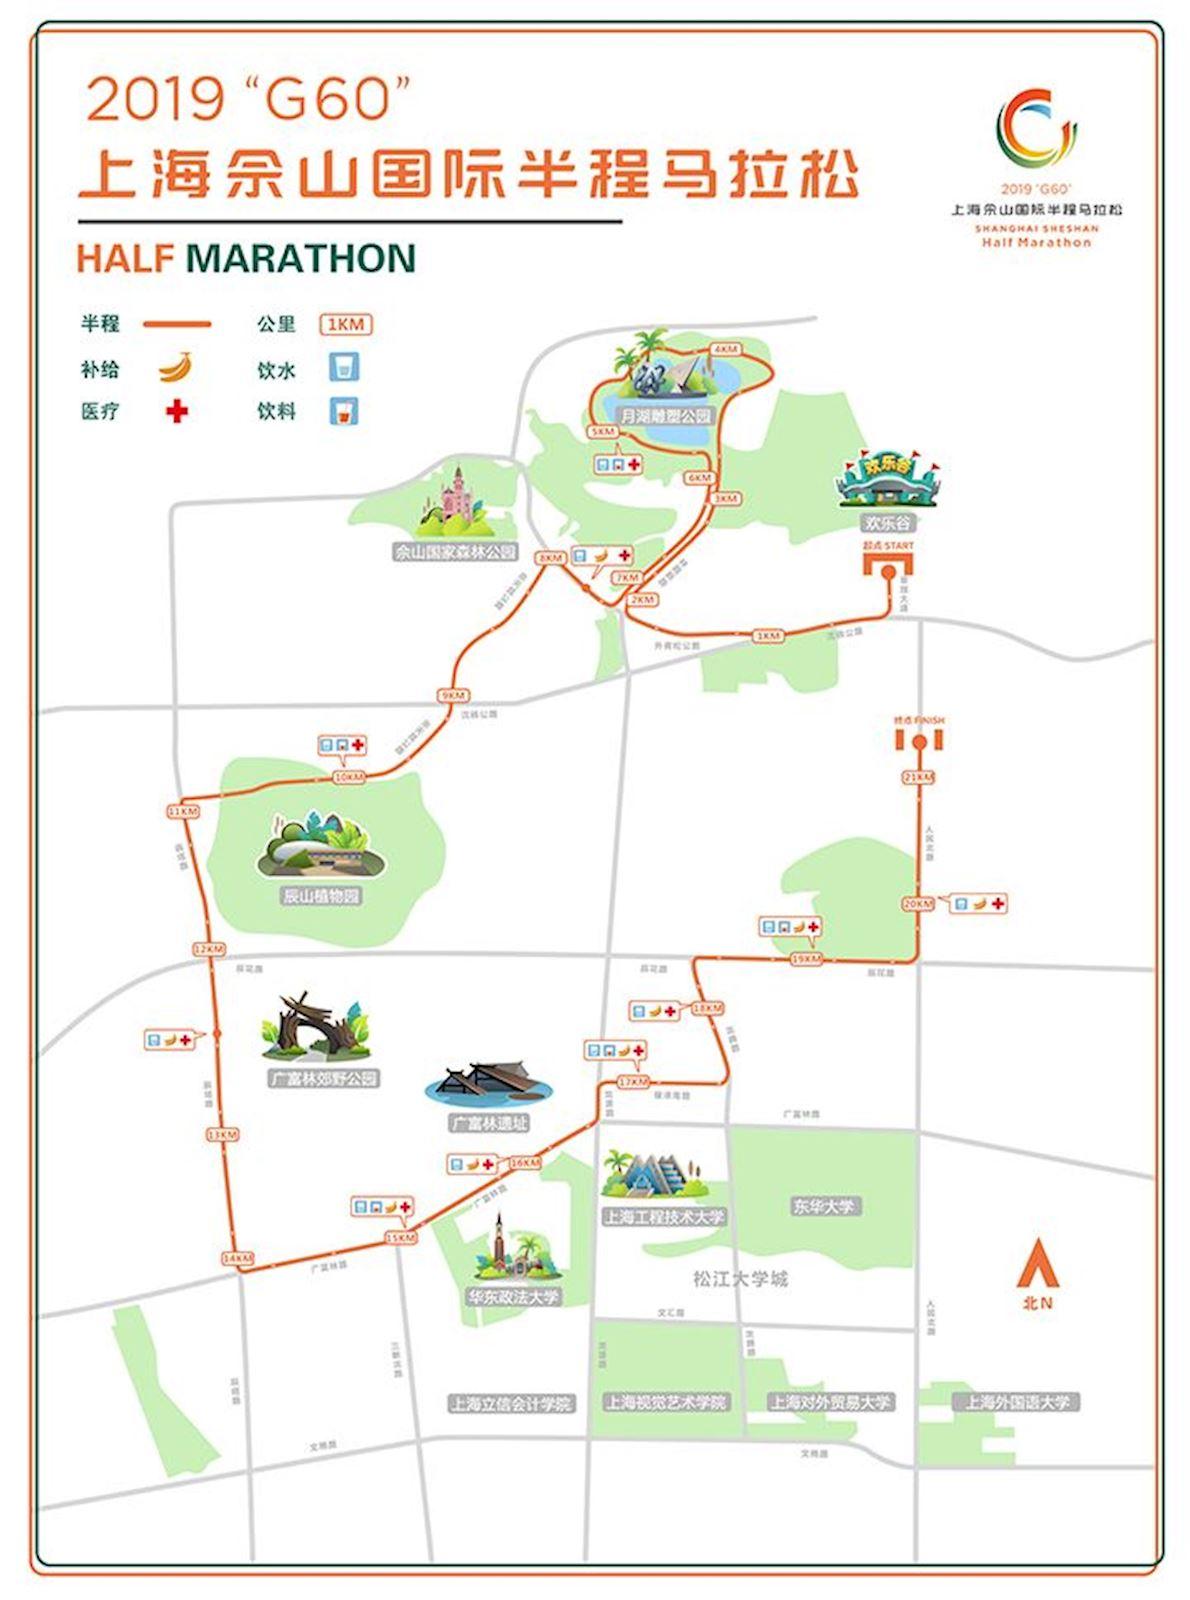 G60 Shanghai Sheshan Half Marathon Mappa del percorso